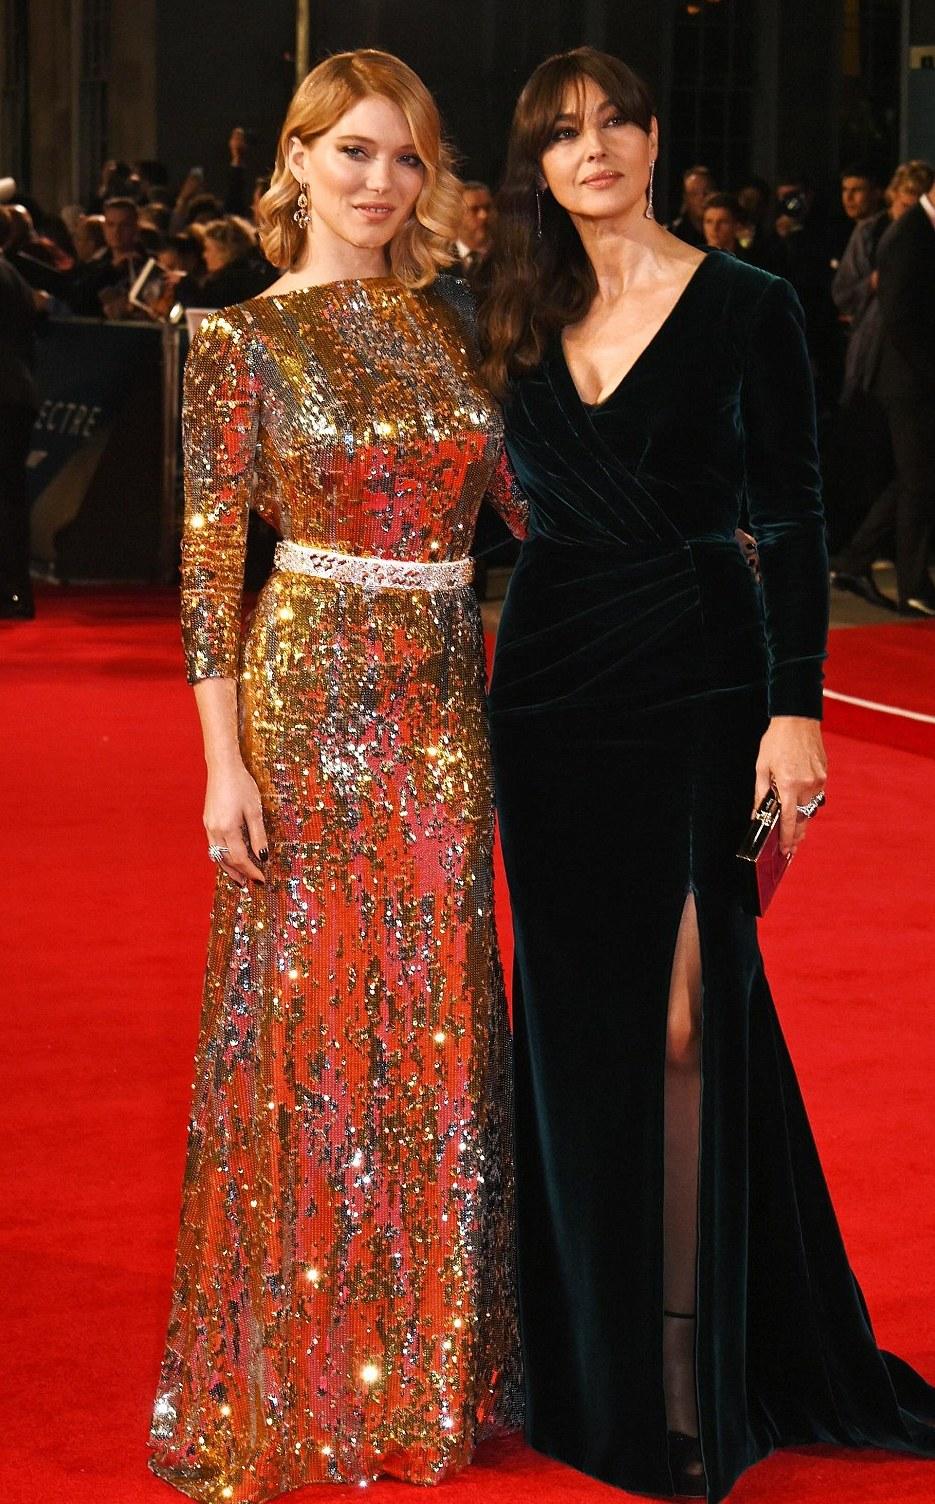 Lea Seydoux & Monica Bellucci at the Spectre premiere Red carpet